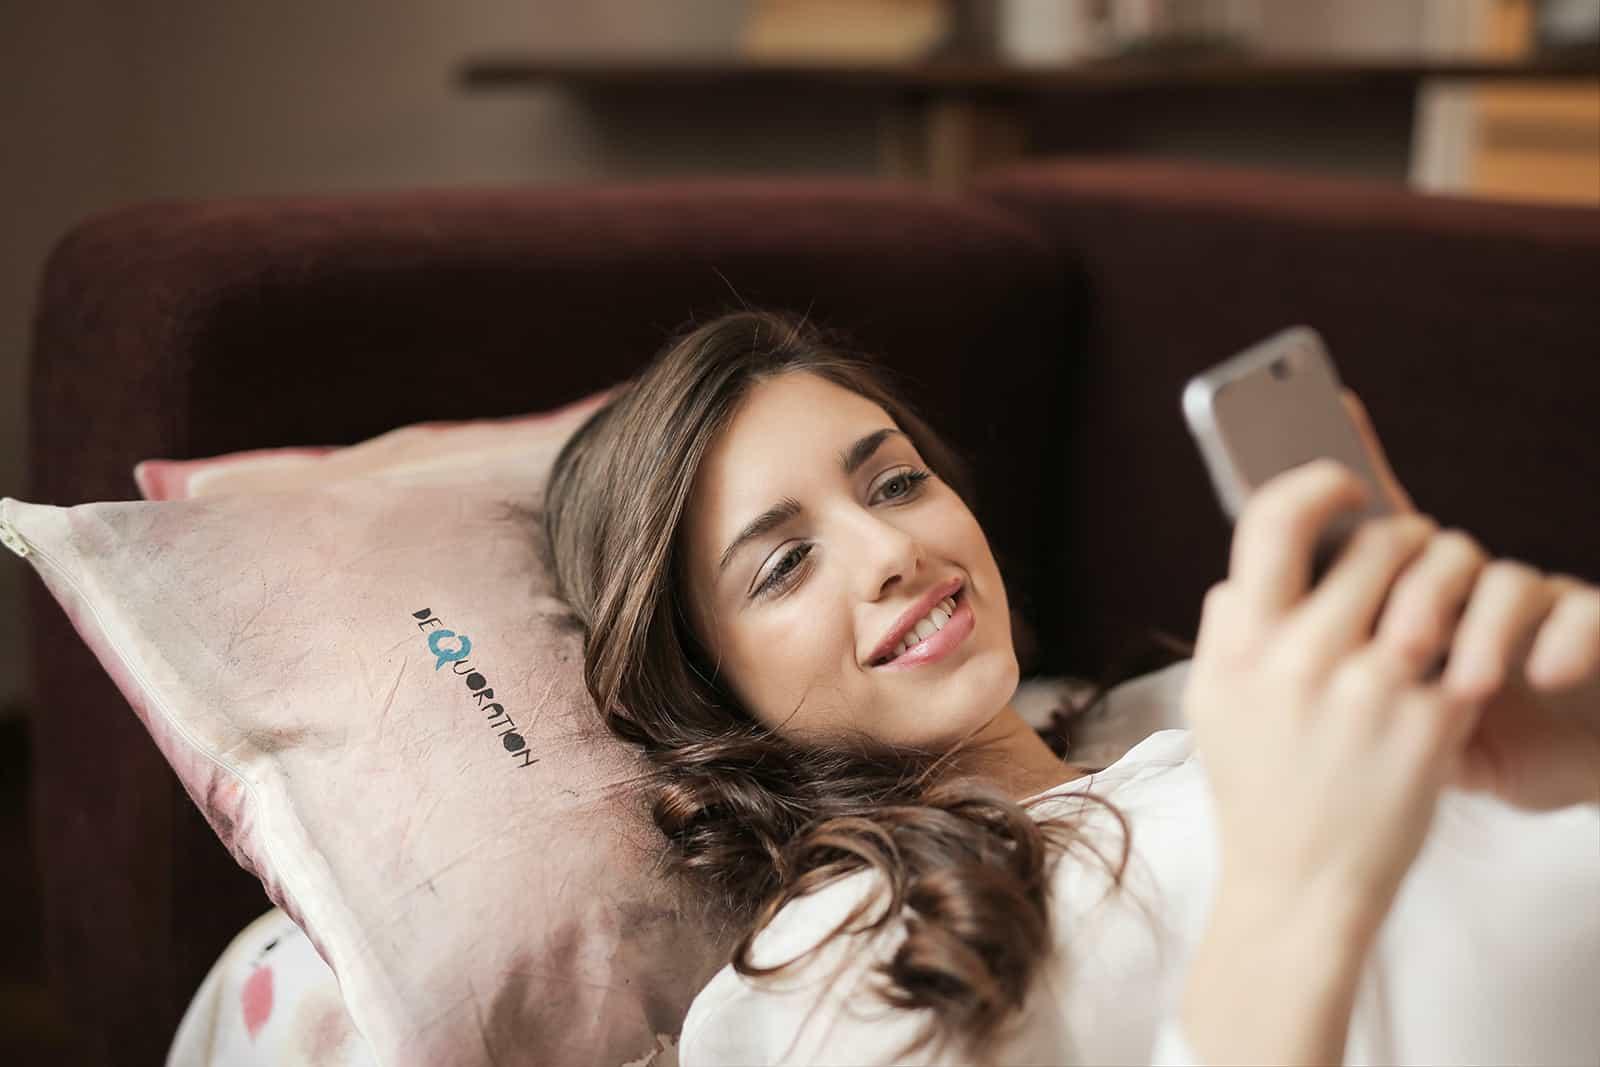 Une femme souriante lisant un message sur un smartphone en position couchée sur le canapé